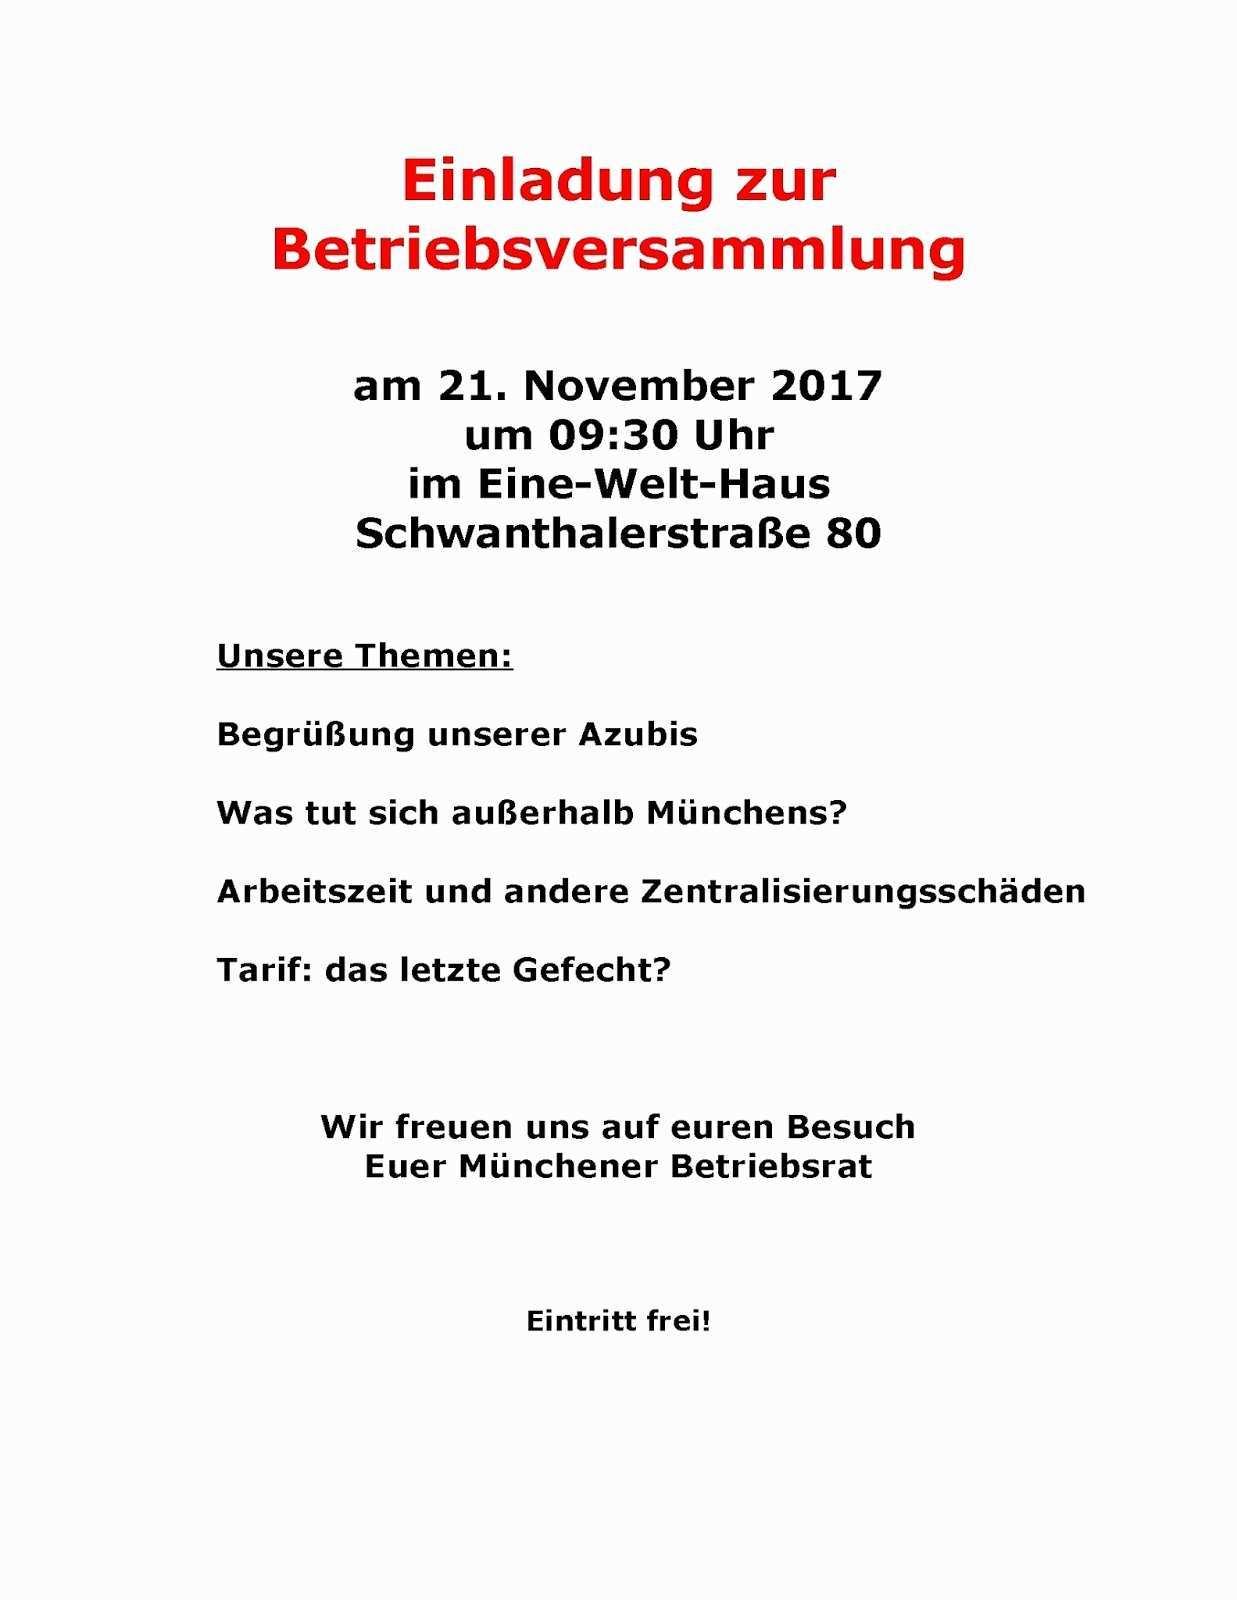 Einladung Mitarbeiterversammlung Muster Genial Hugendubel Verdi Infoblog 2017 Lecrachin Net